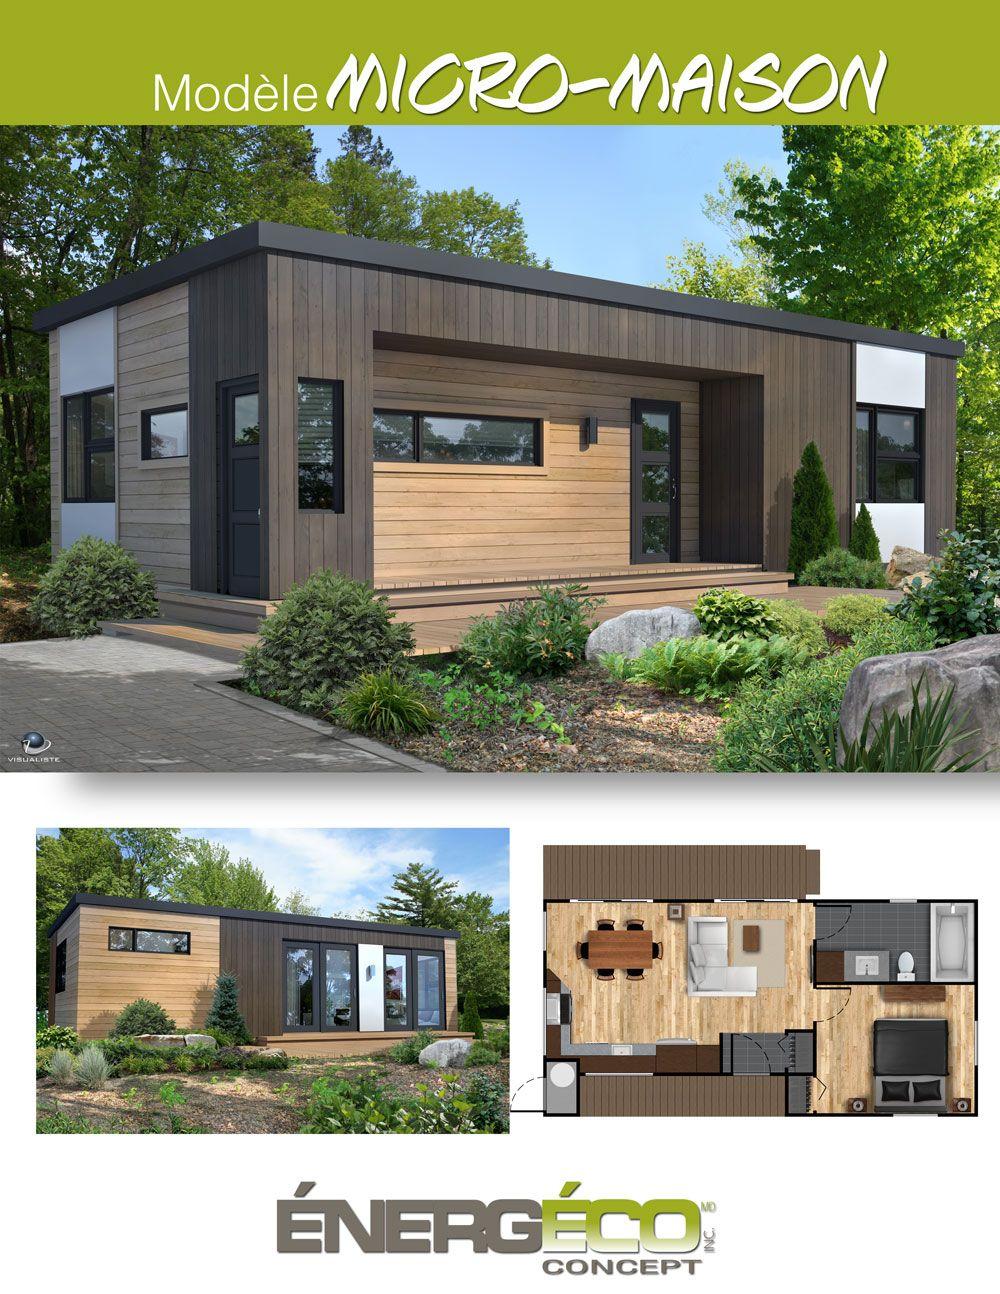 Micro maison et plan québec maison modèle maison énergeco